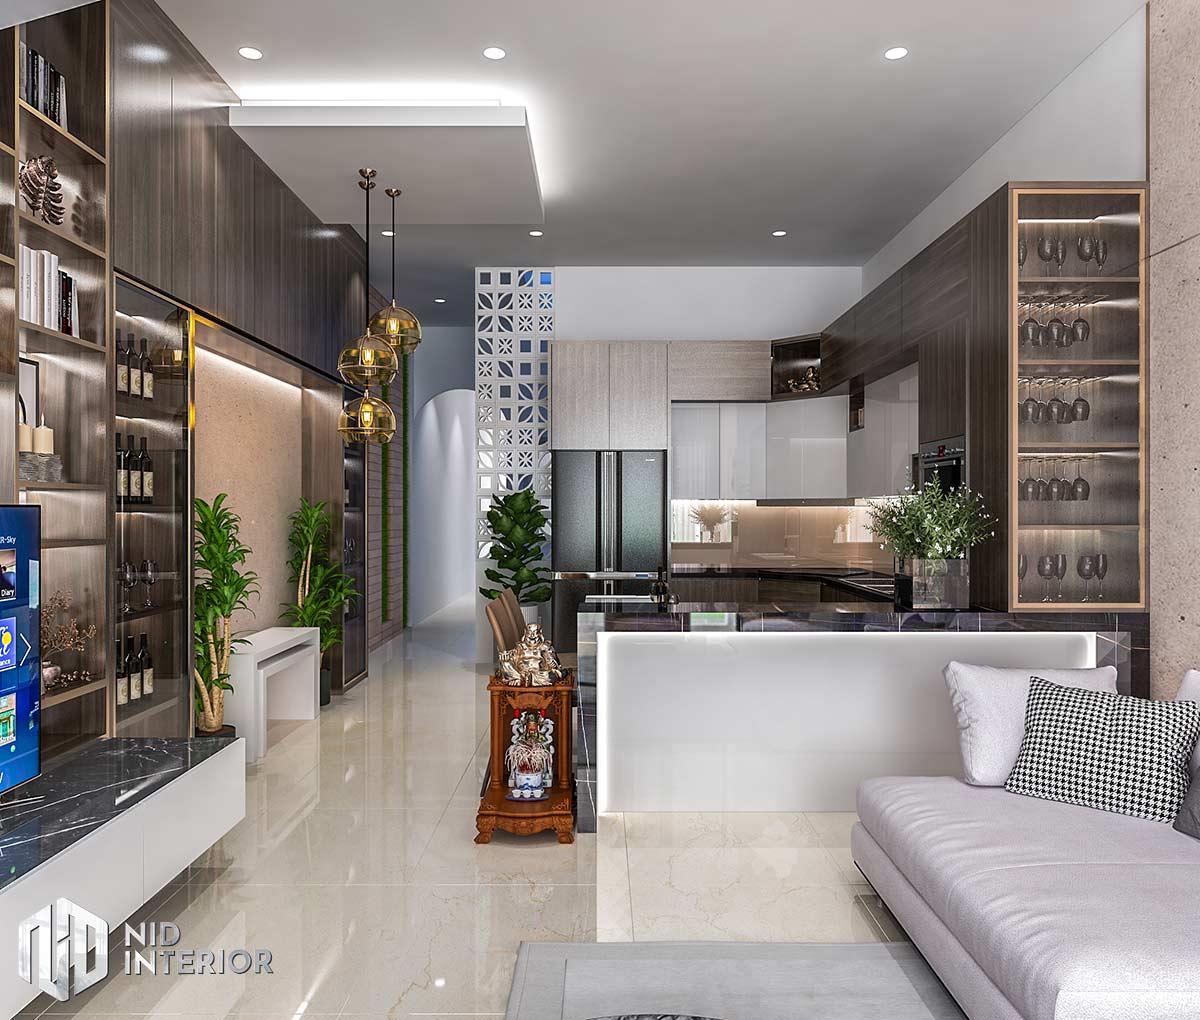 Thiết kế nội thất nhà phố Long An - Khu vực bếp ăn